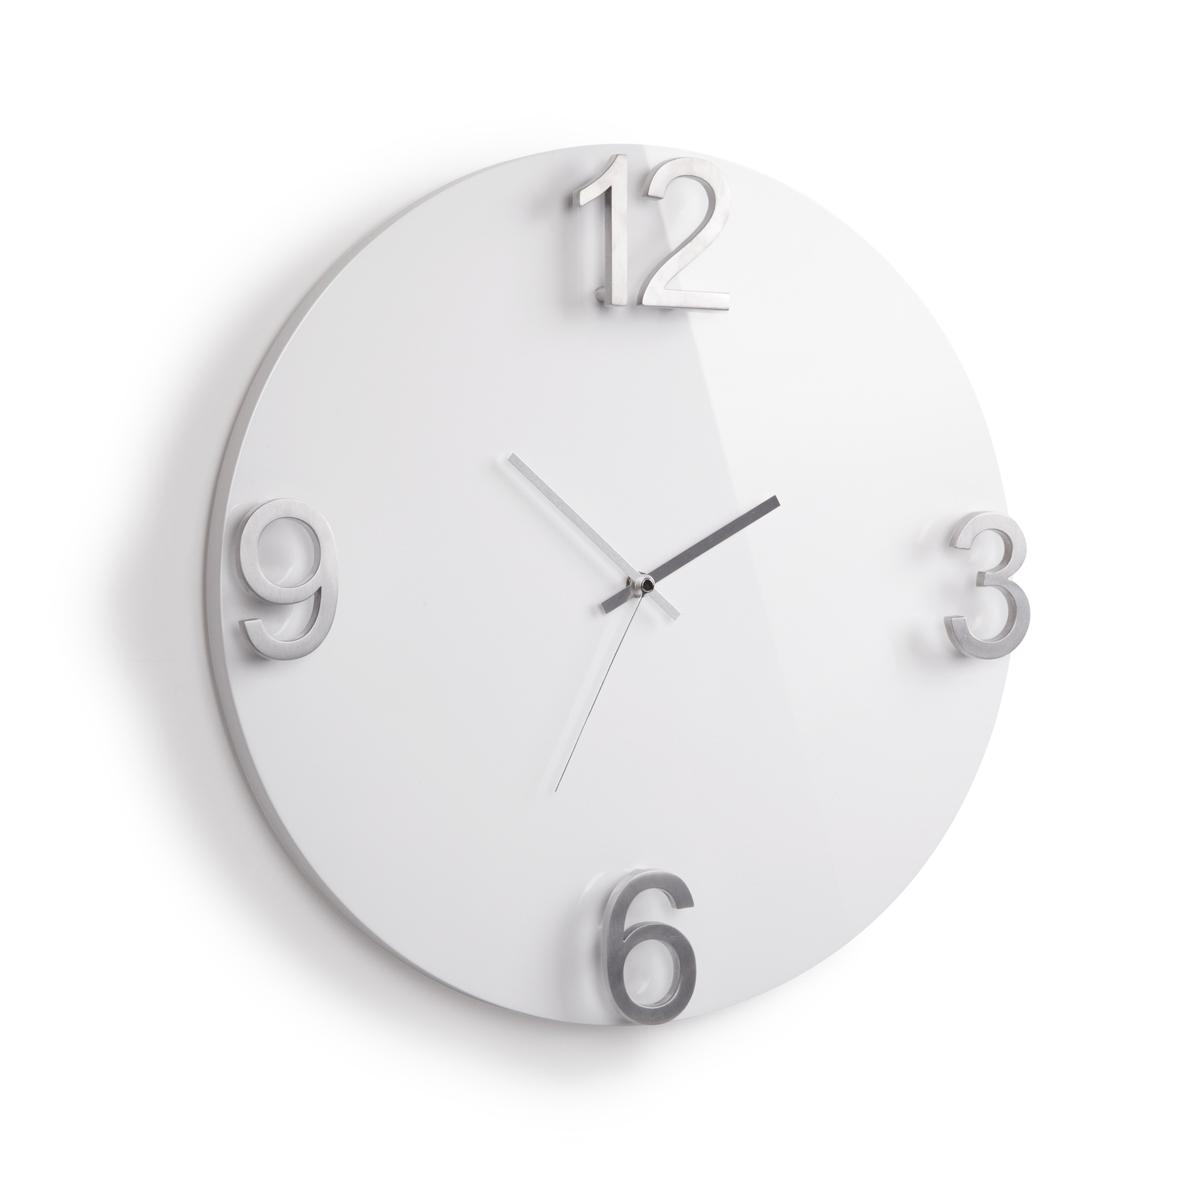 Часы настенные Umbra Elapse, цвет: белый94672Оригинальные настенные часы, выполненные в минималистском стиле. Основа из массива дерева с глянцевым покрытием и металлическими цифрами выглядит дорого и изысканно. Механизм работает при помощи 1 батарейки АА (батарейка в комплект не входит).Дизайн: Alan Wisniewski